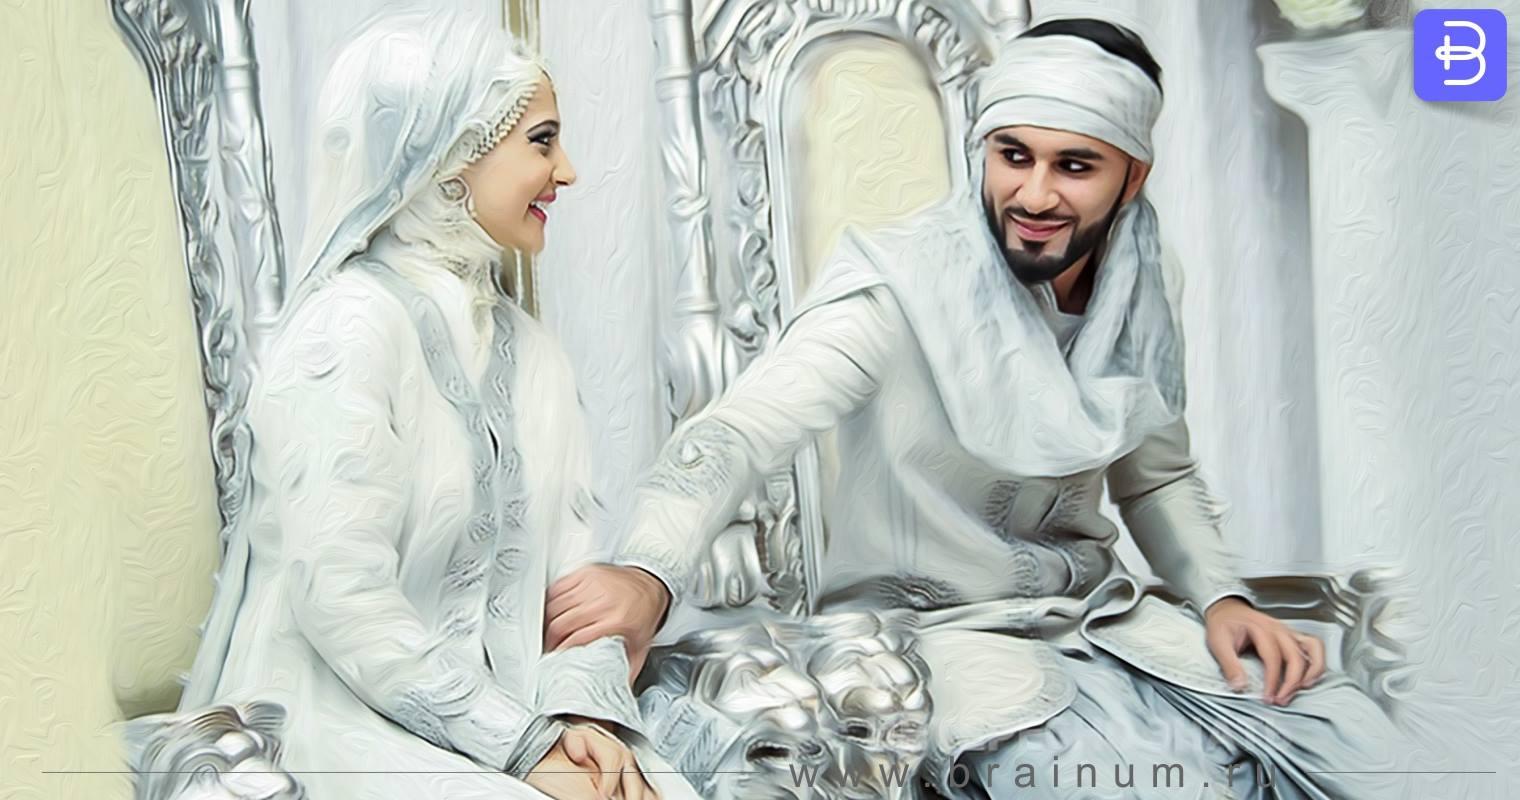 Арабский секс мужчина с мужчиной